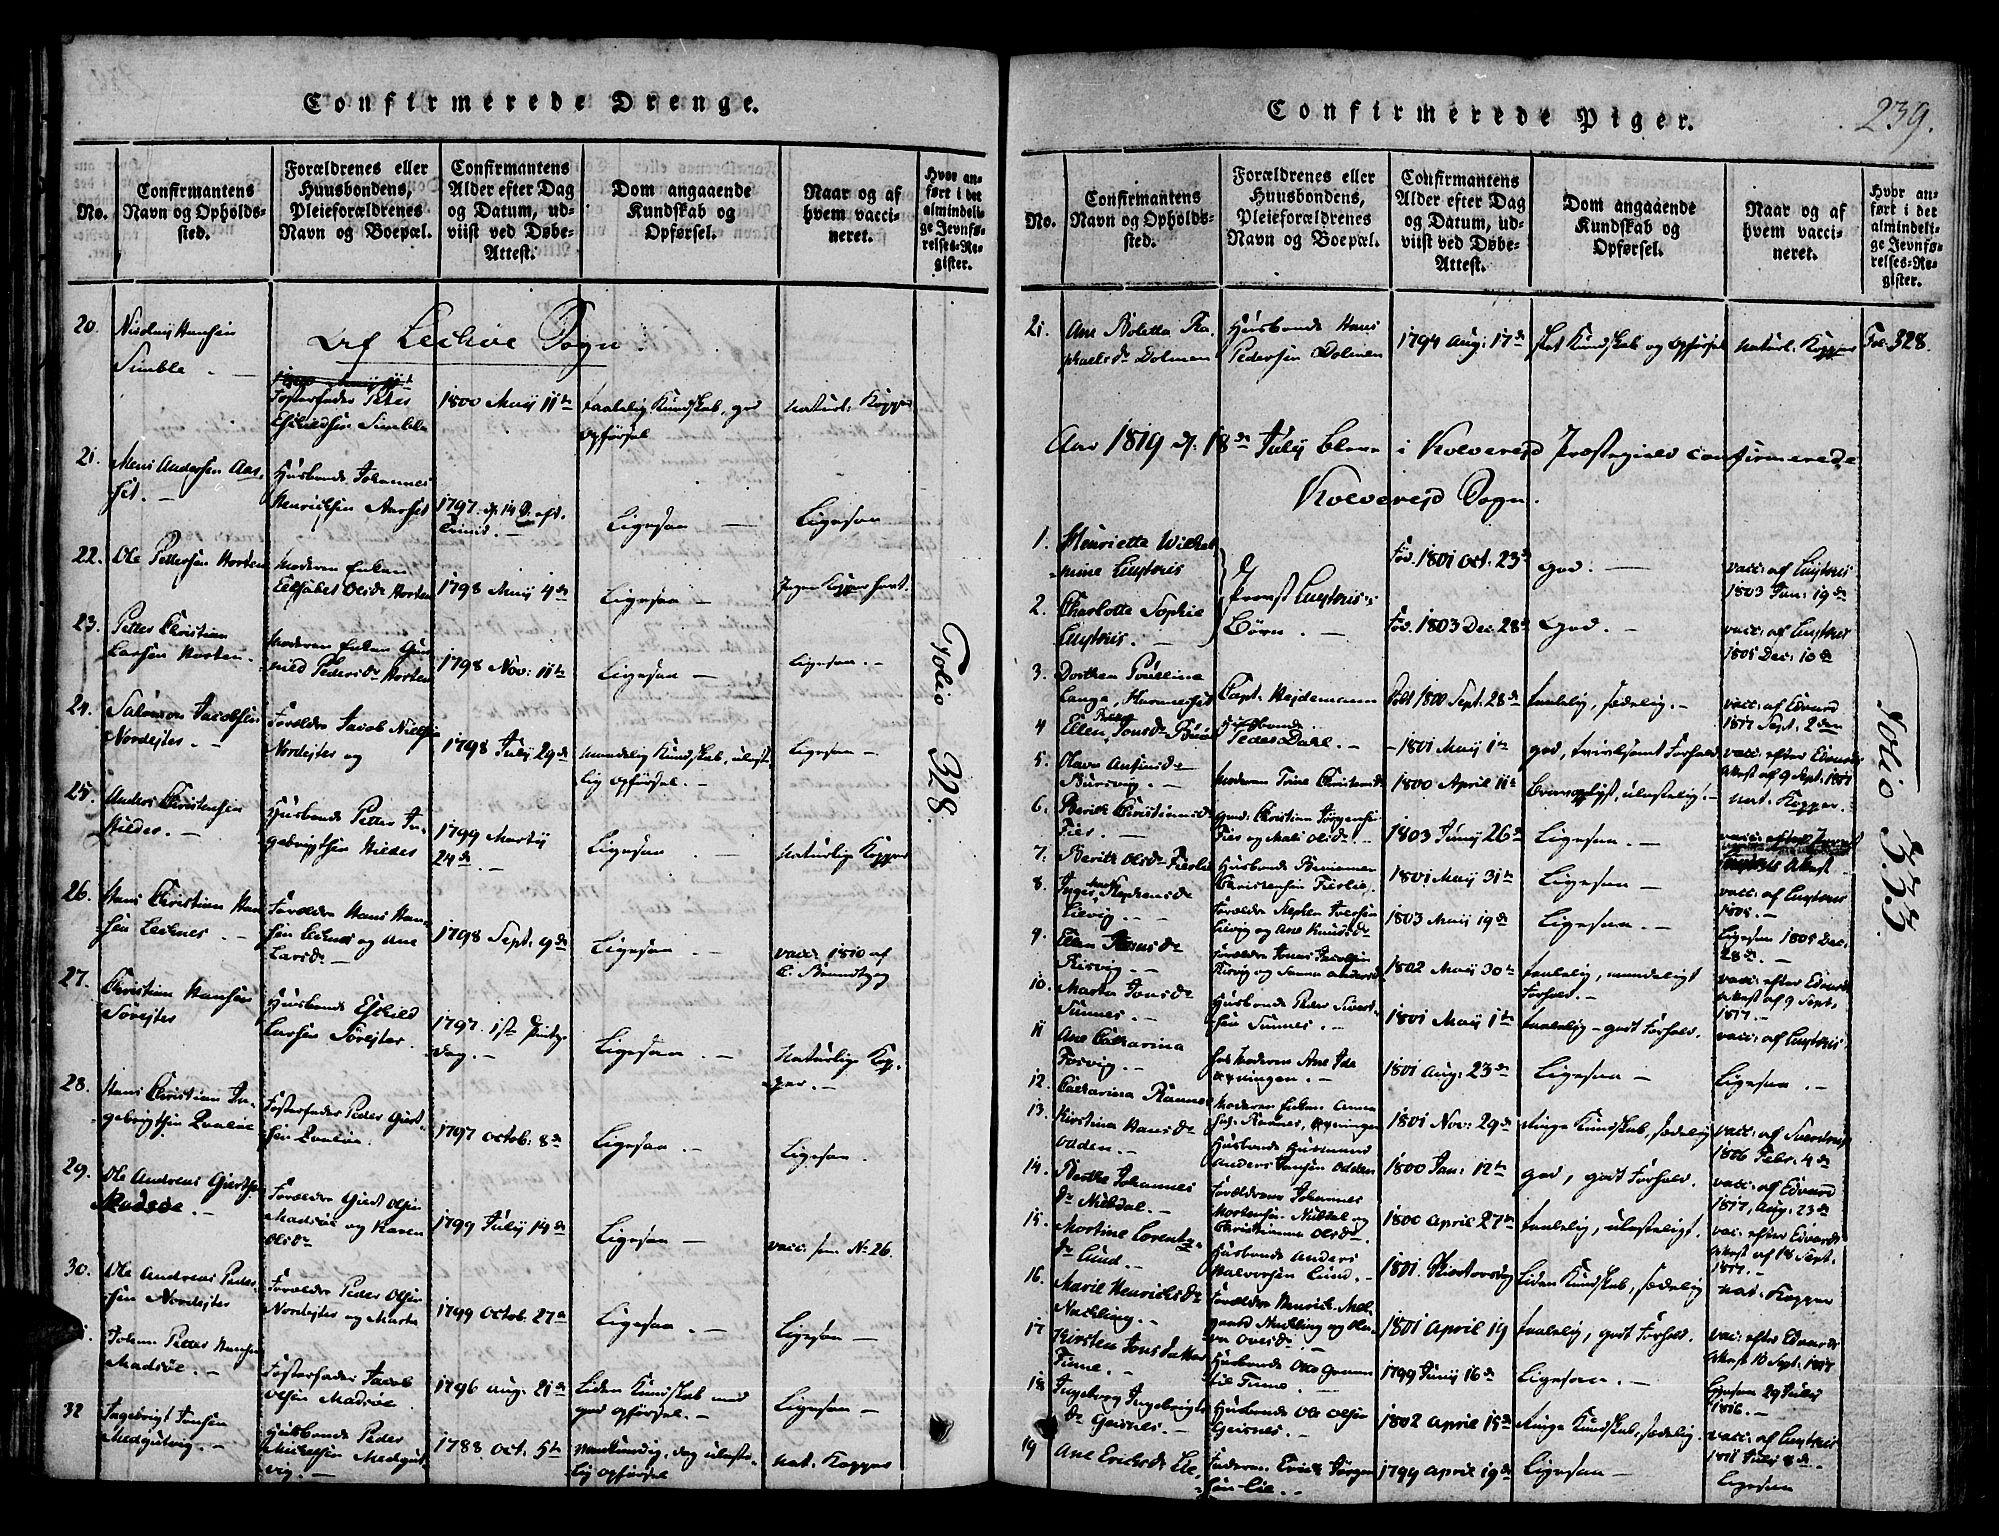 SAT, Ministerialprotokoller, klokkerbøker og fødselsregistre - Nord-Trøndelag, 780/L0636: Ministerialbok nr. 780A03 /1, 1815-1830, s. 239